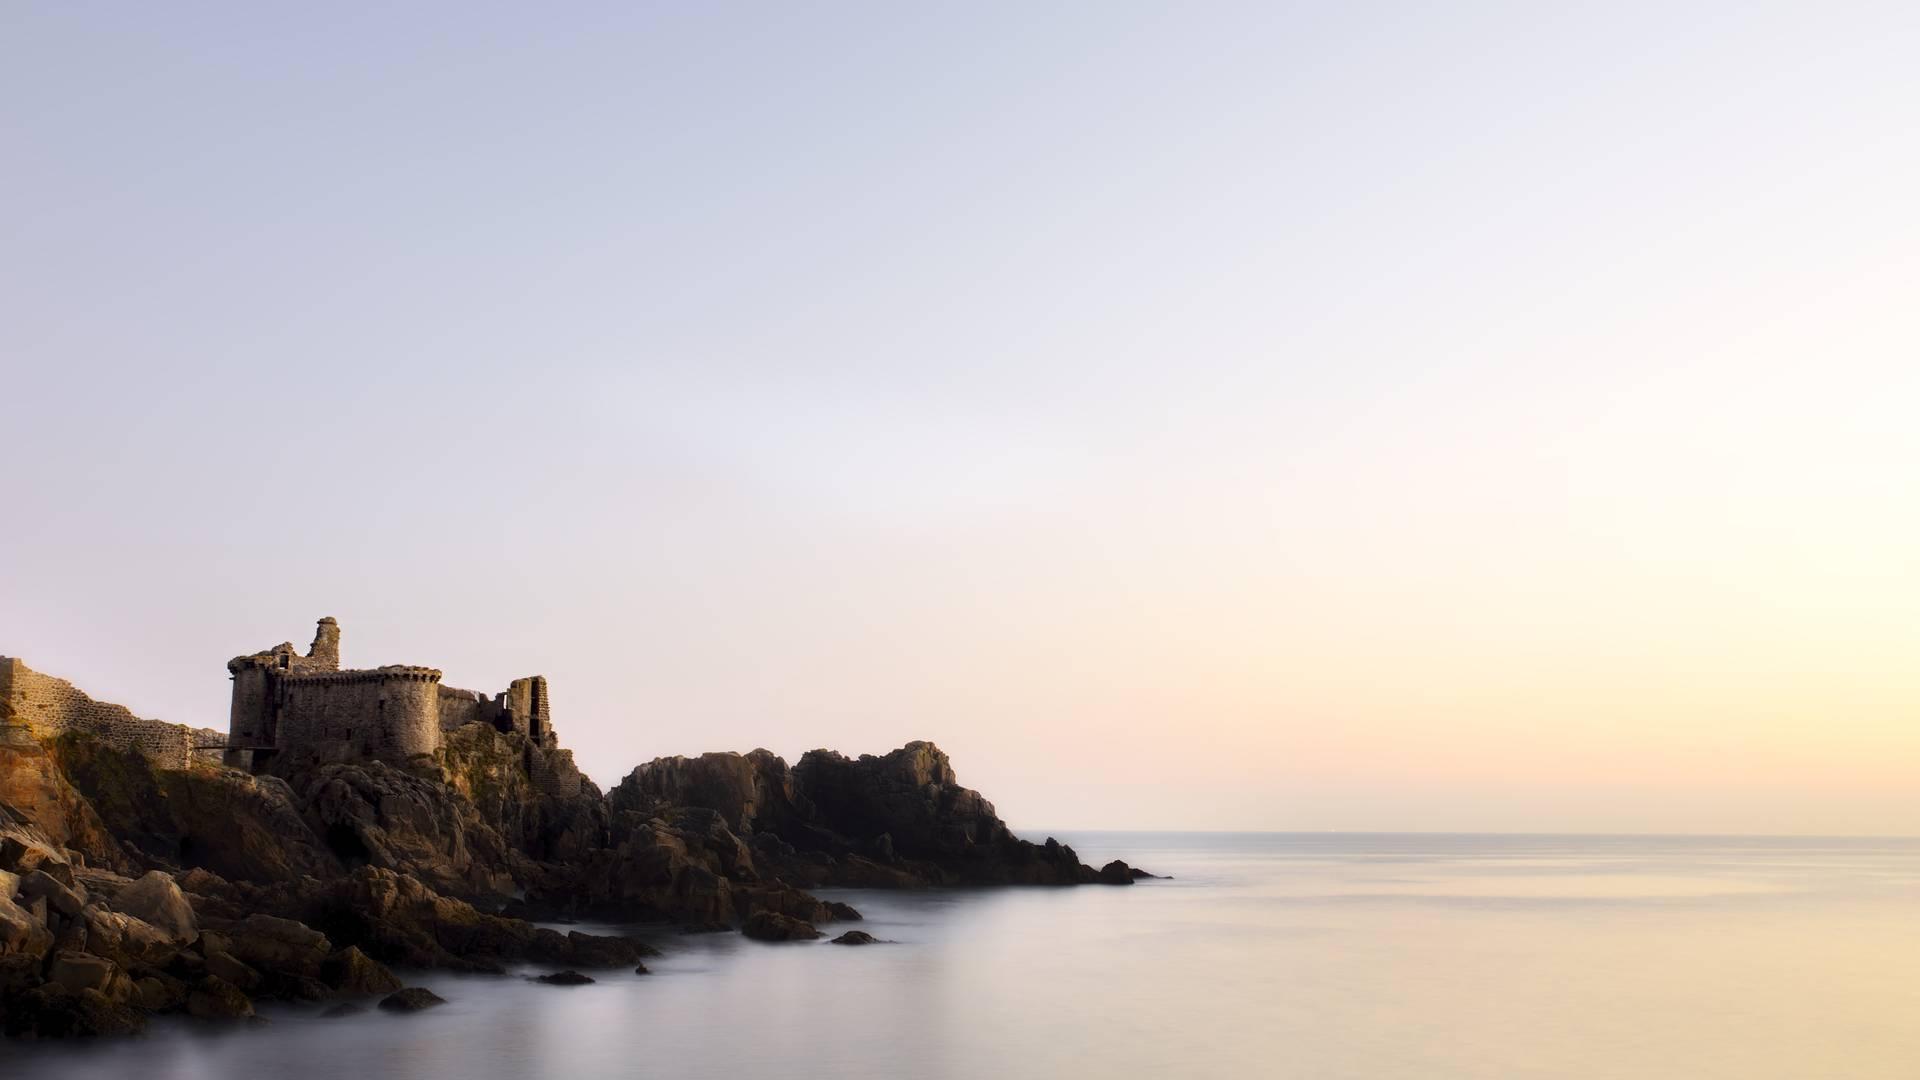 Le Vieux Château, L'île d'Yeu © Aurélien Curtet